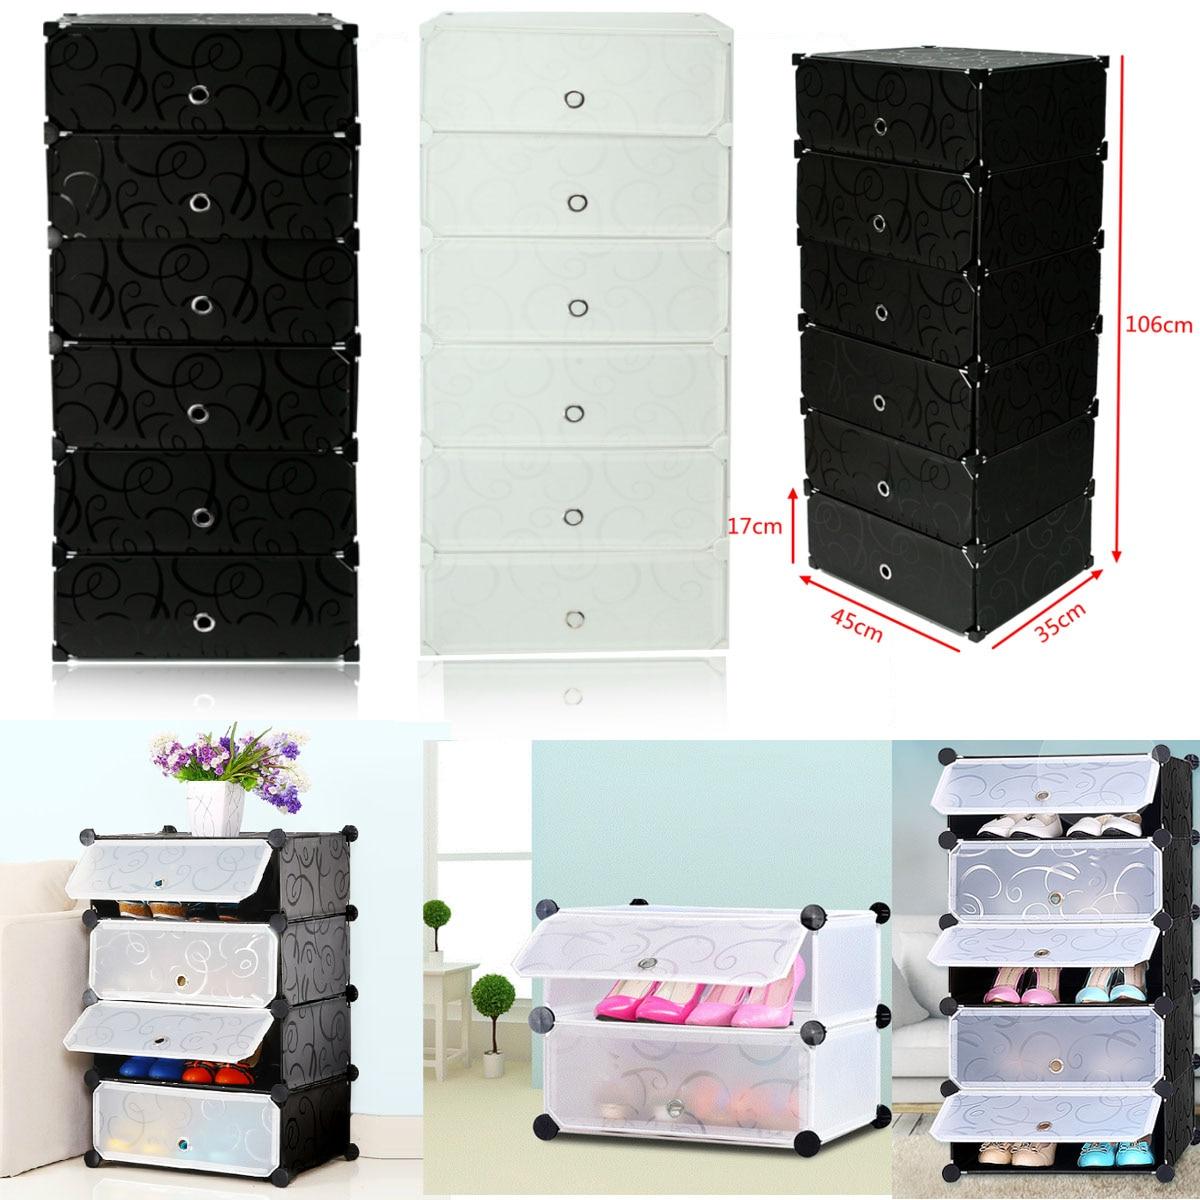 2 couleurs 6 armoires imbriquées bricolage bibliothèque de chaussures vêtements Cube stockage Rack étagères maison chaussure placard rangement organisateur